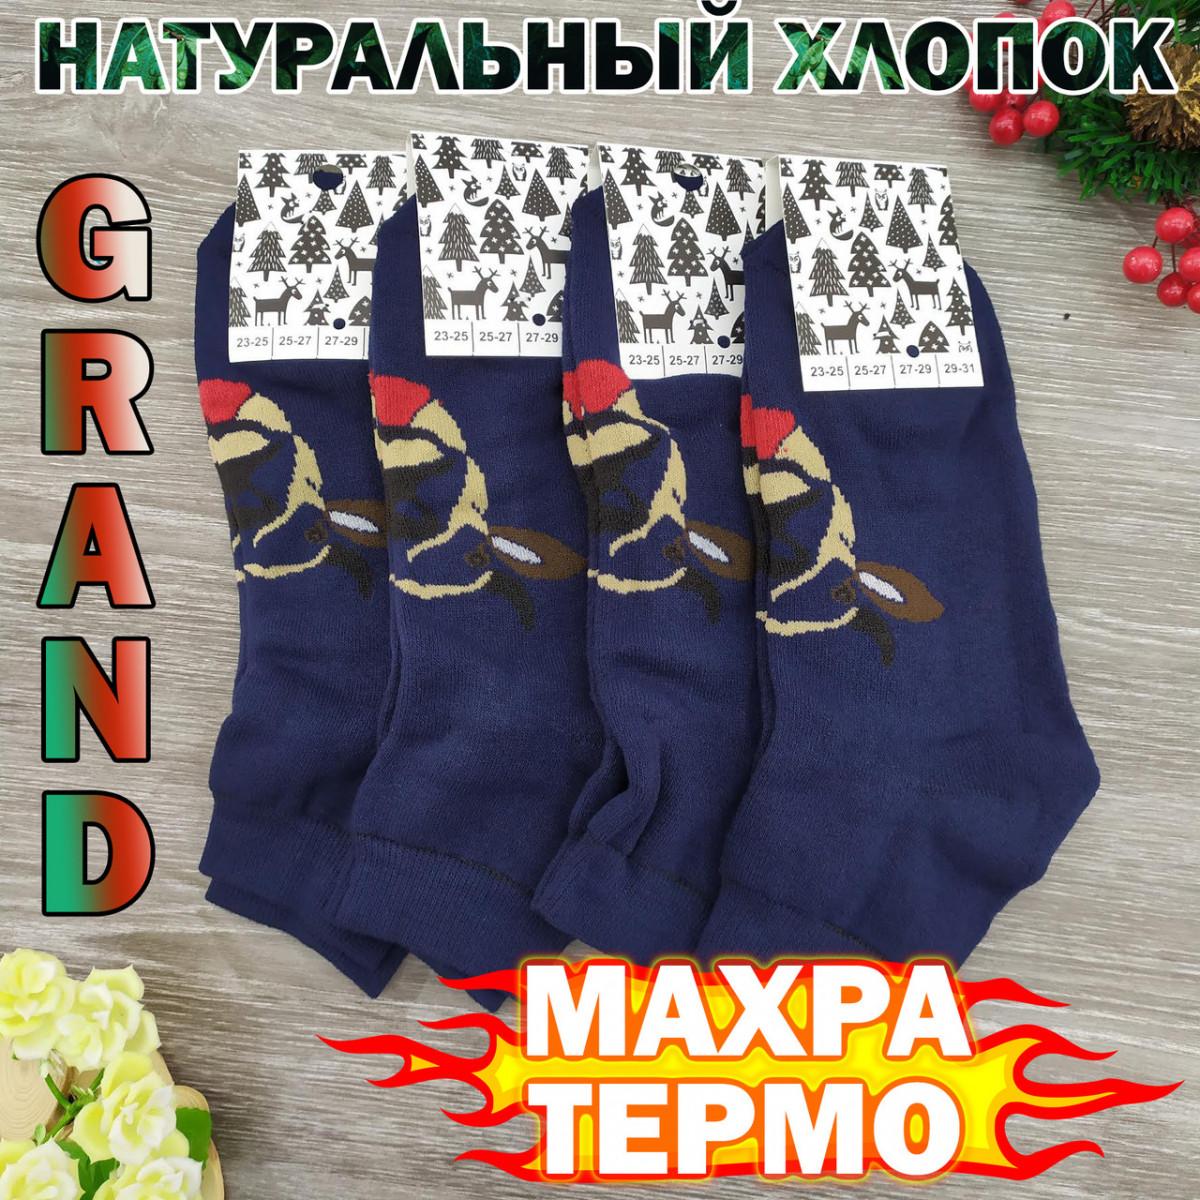 Носки мужские махровые короткие GRAND 27-29р бык синие 20040024